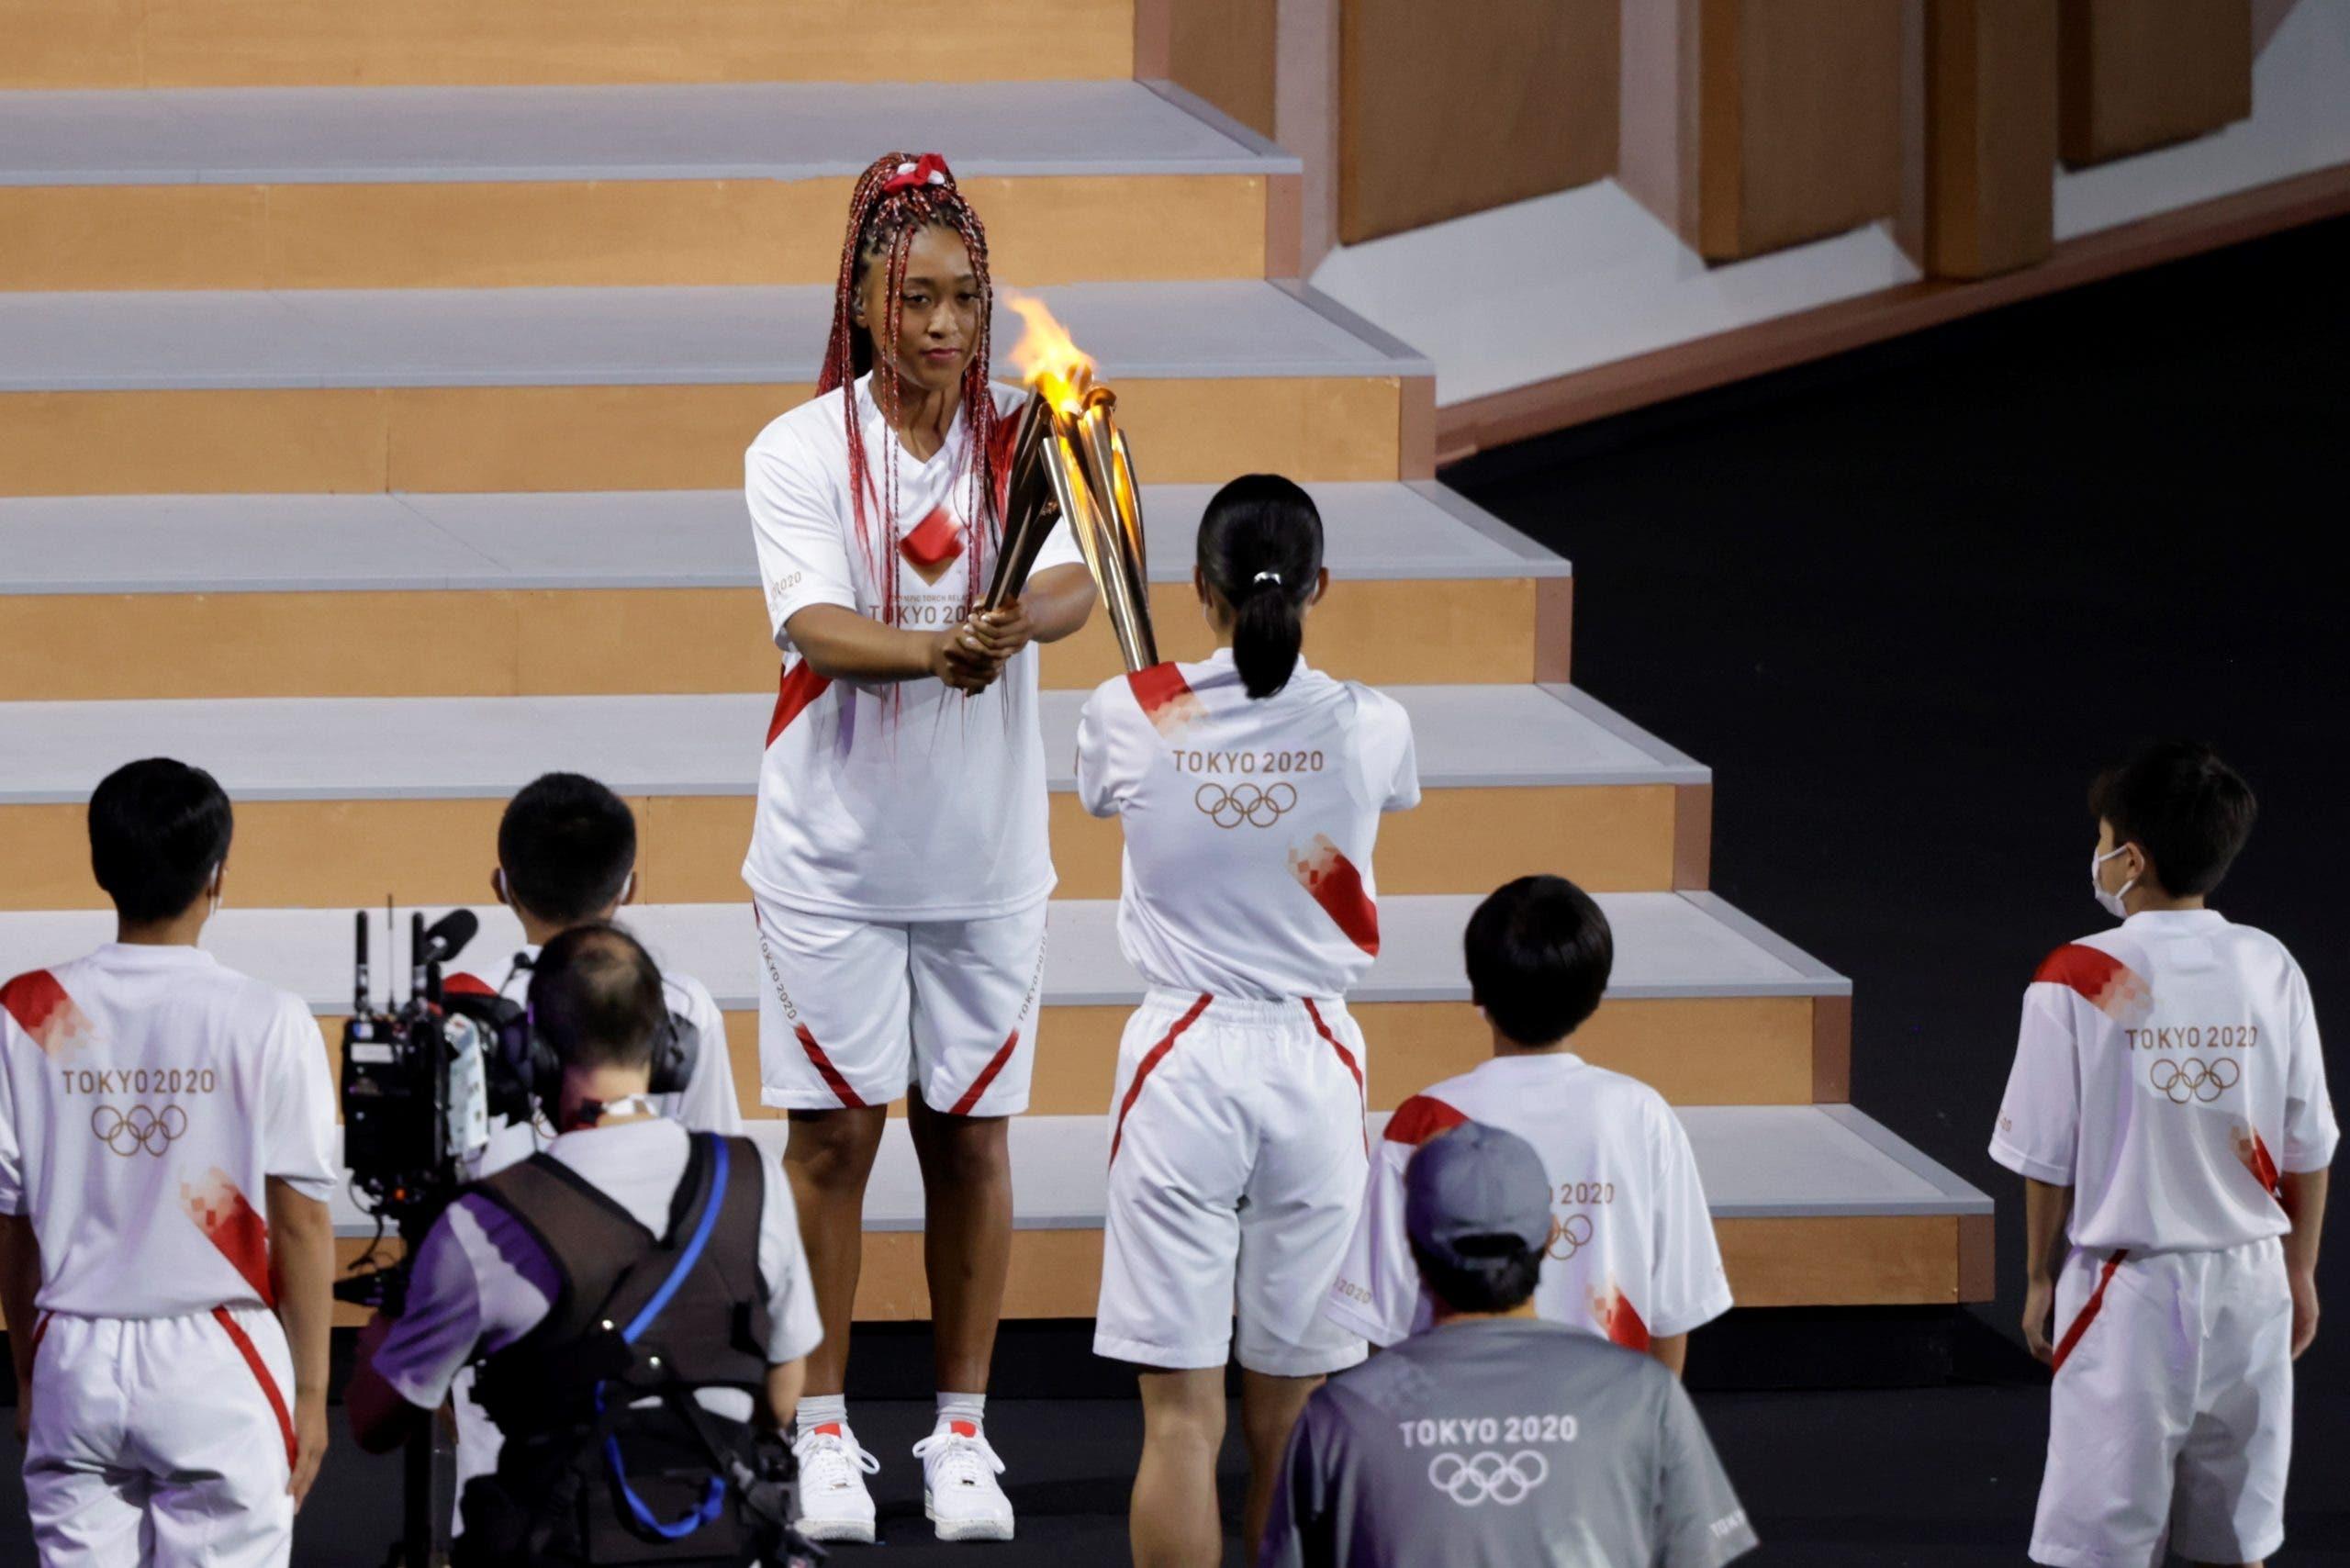 Con acto mesurado y estadio vacío, Tokio abre sus Juegos Olímpicos